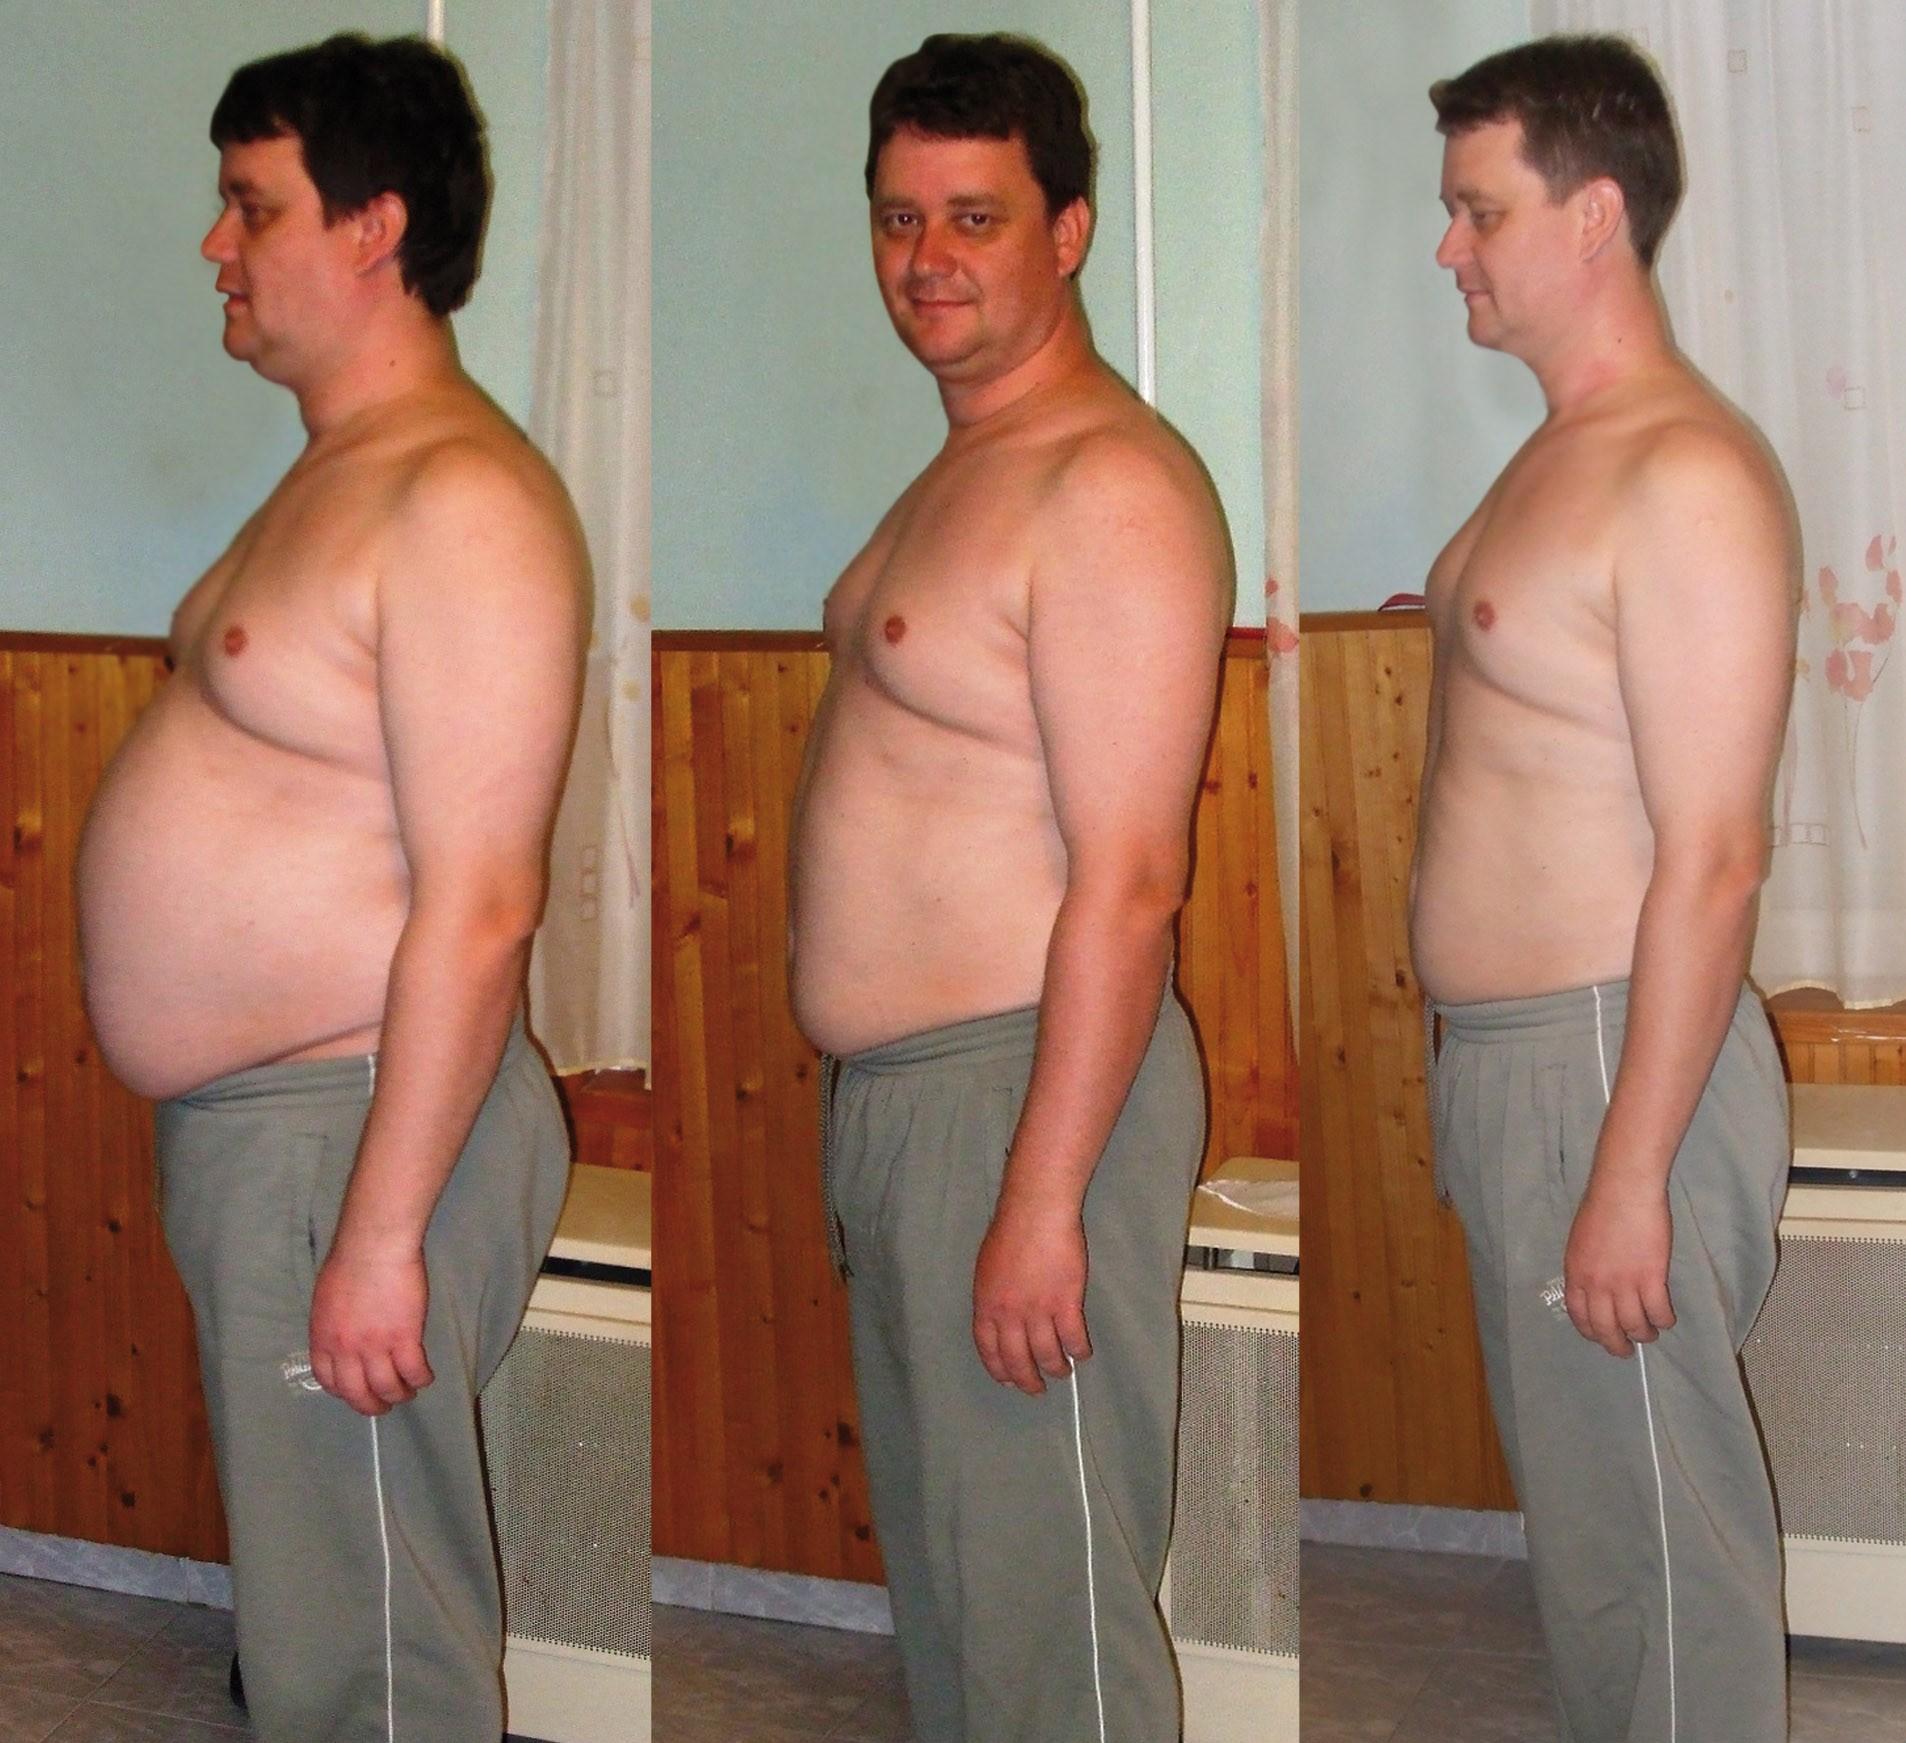 István két hónap alatt életmódváltással és az OTO Chilivel közel 20 kilótól szabadult meg